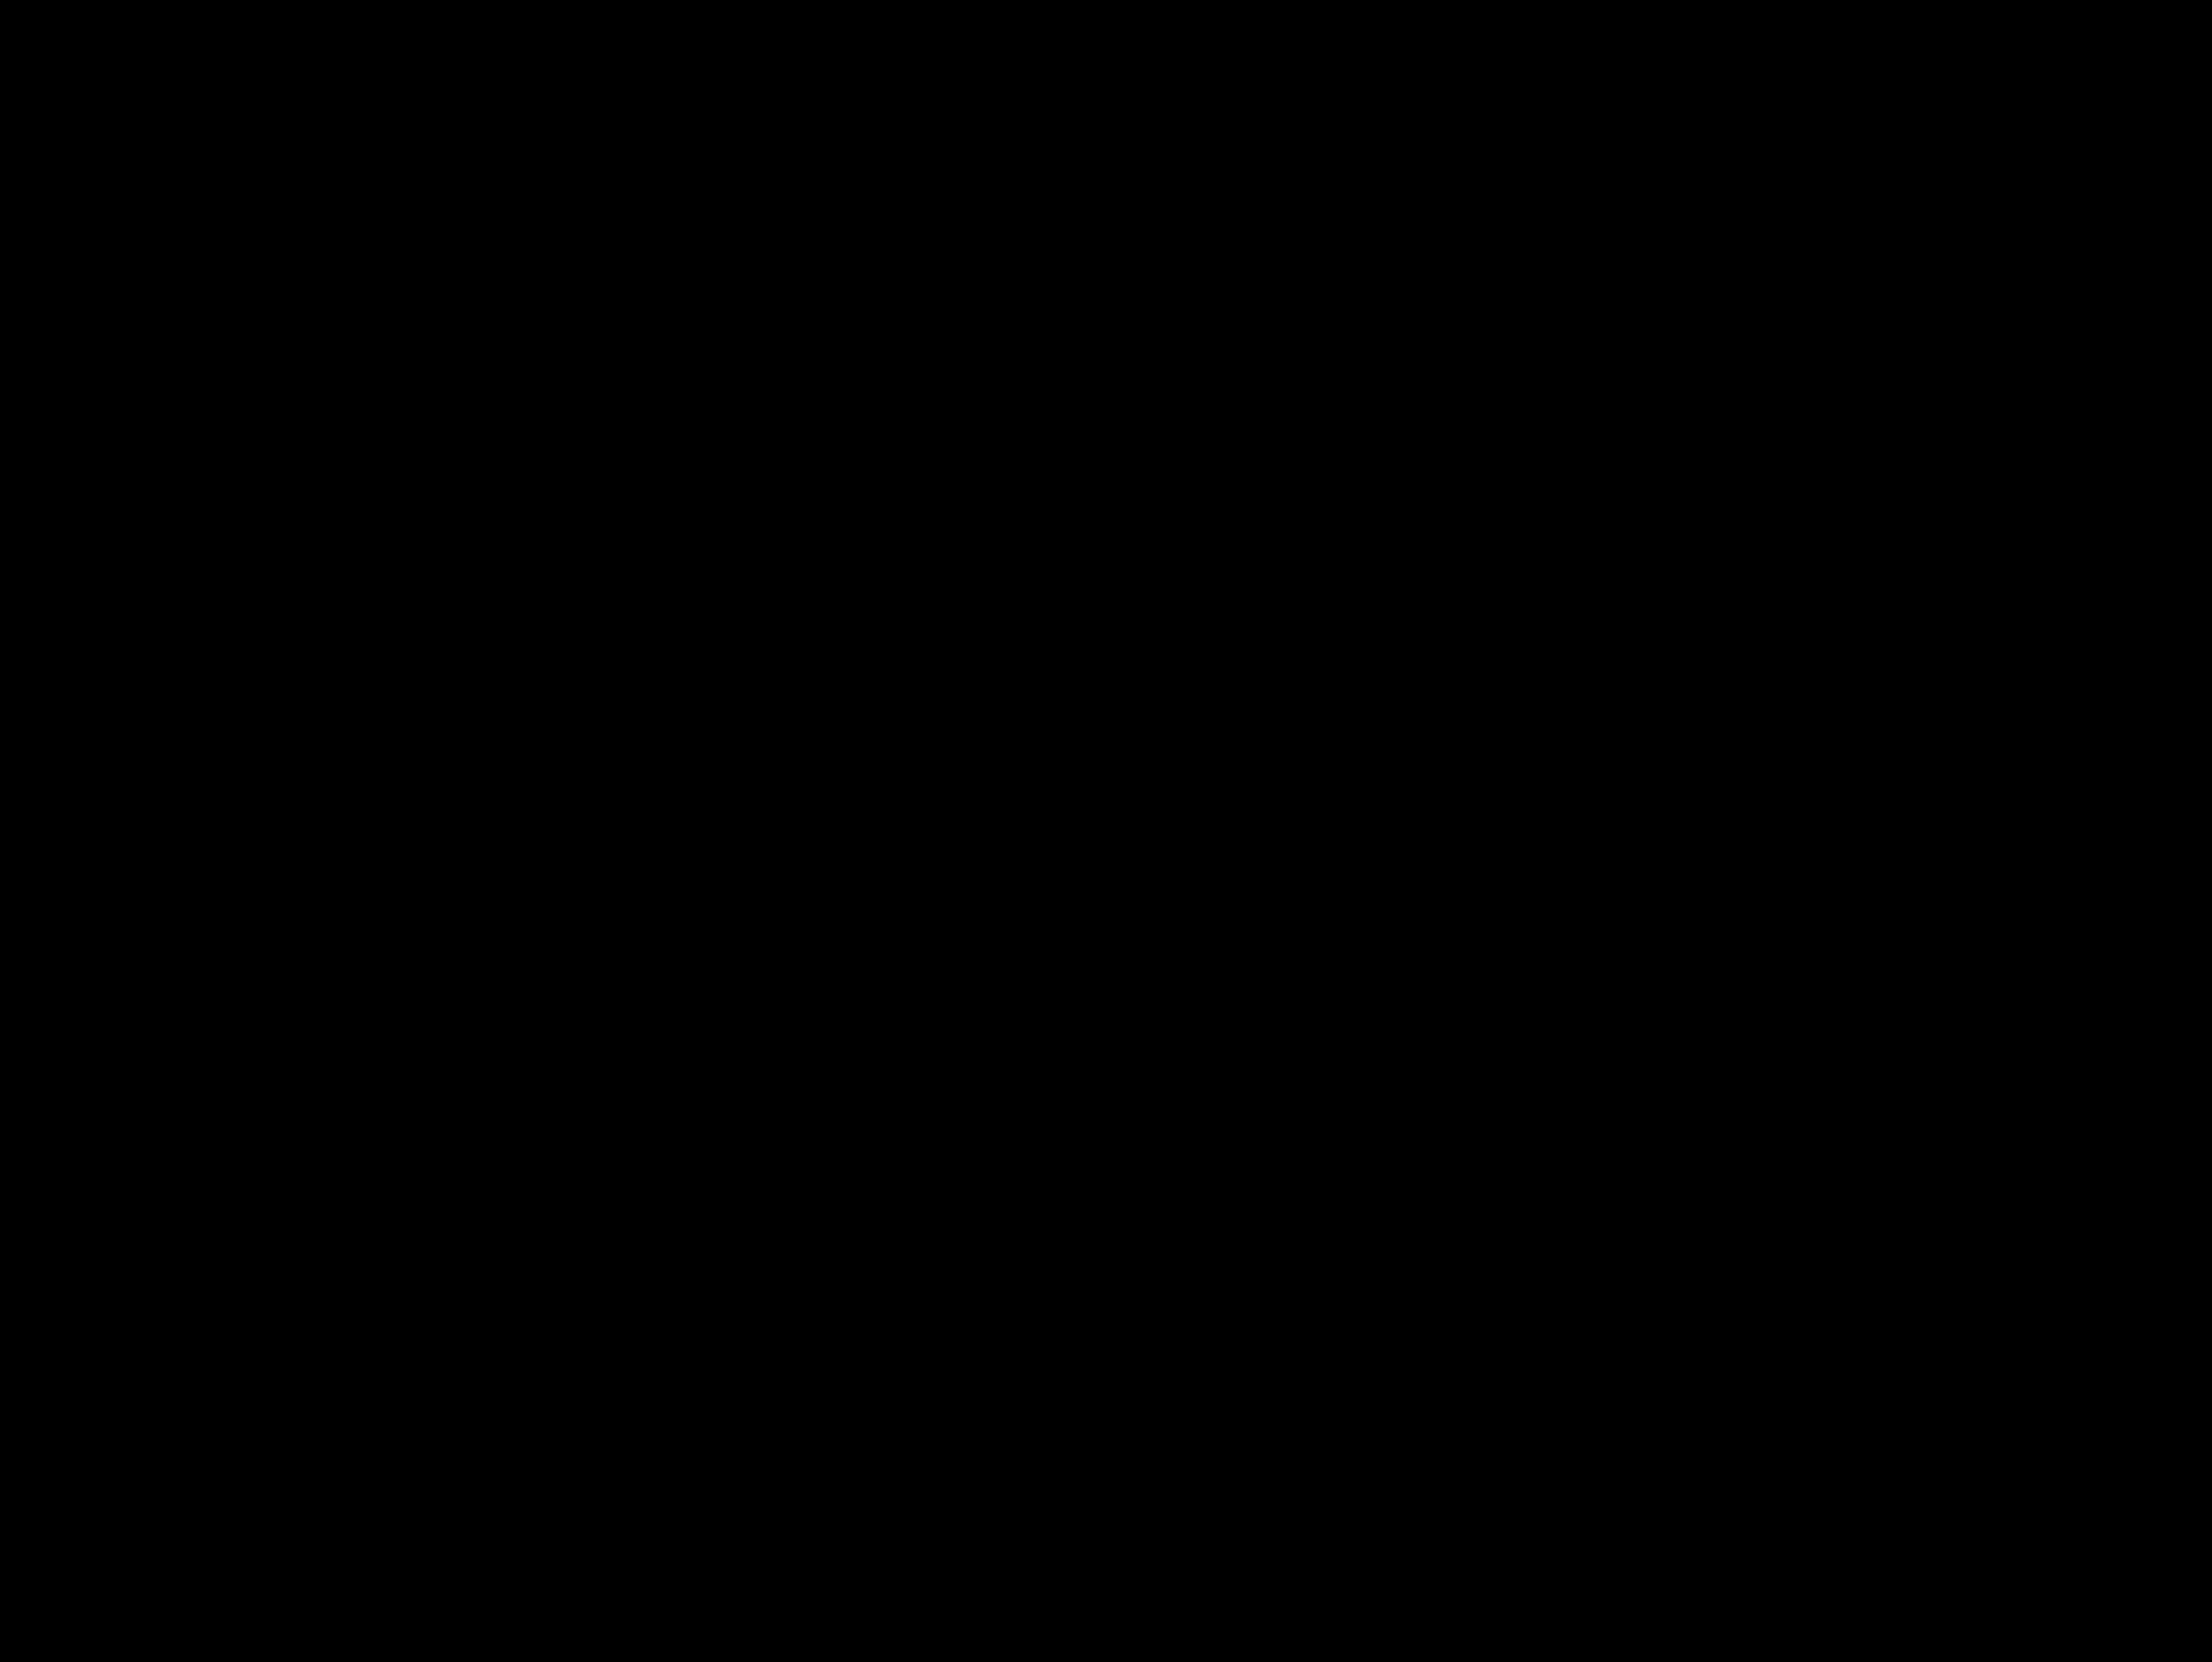 porno Massage nudist Photo